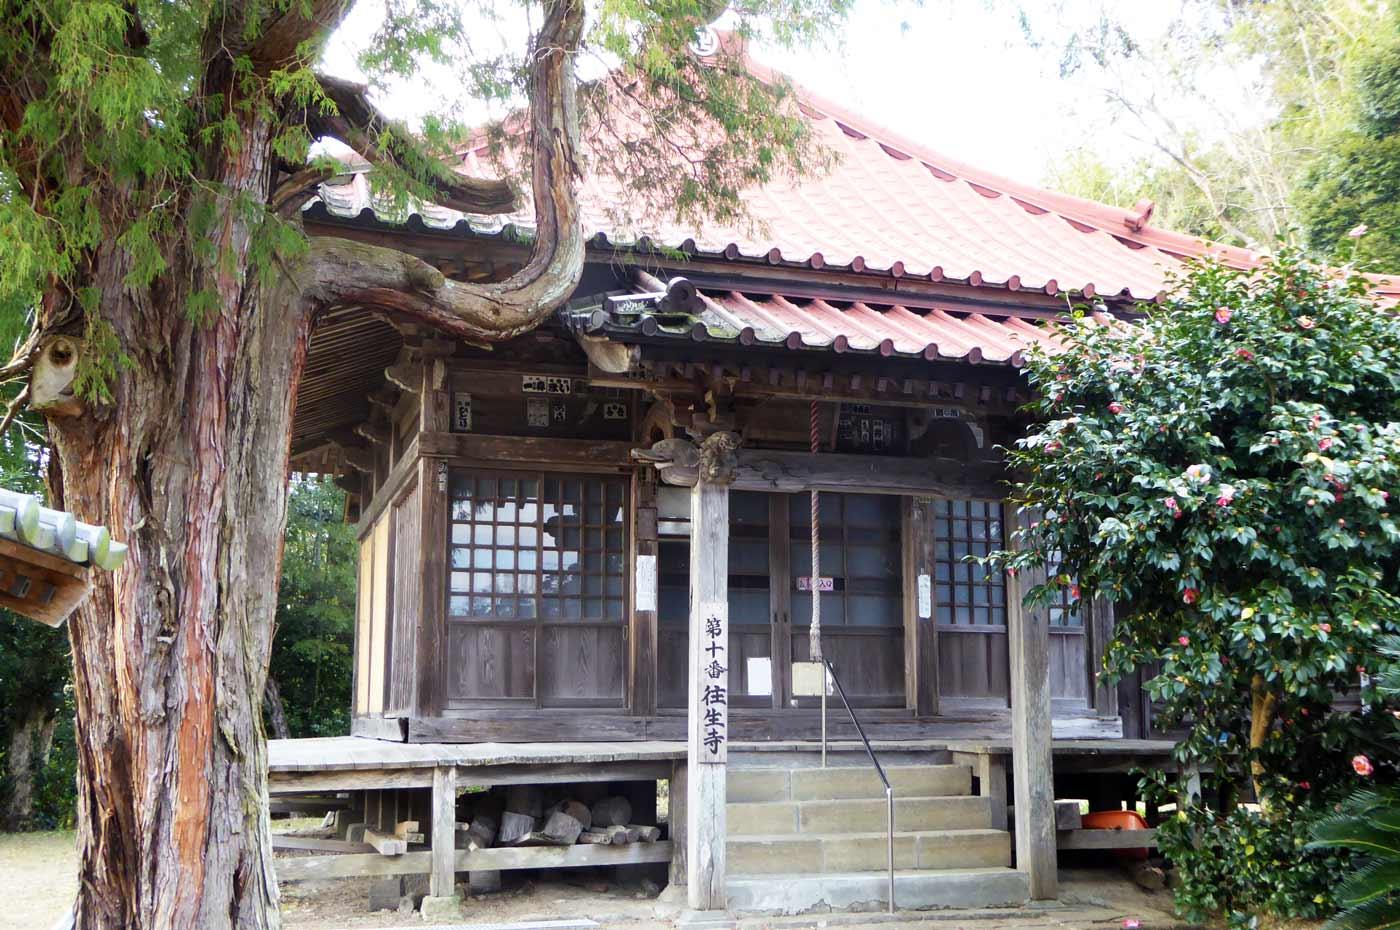 往生寺本堂の画像